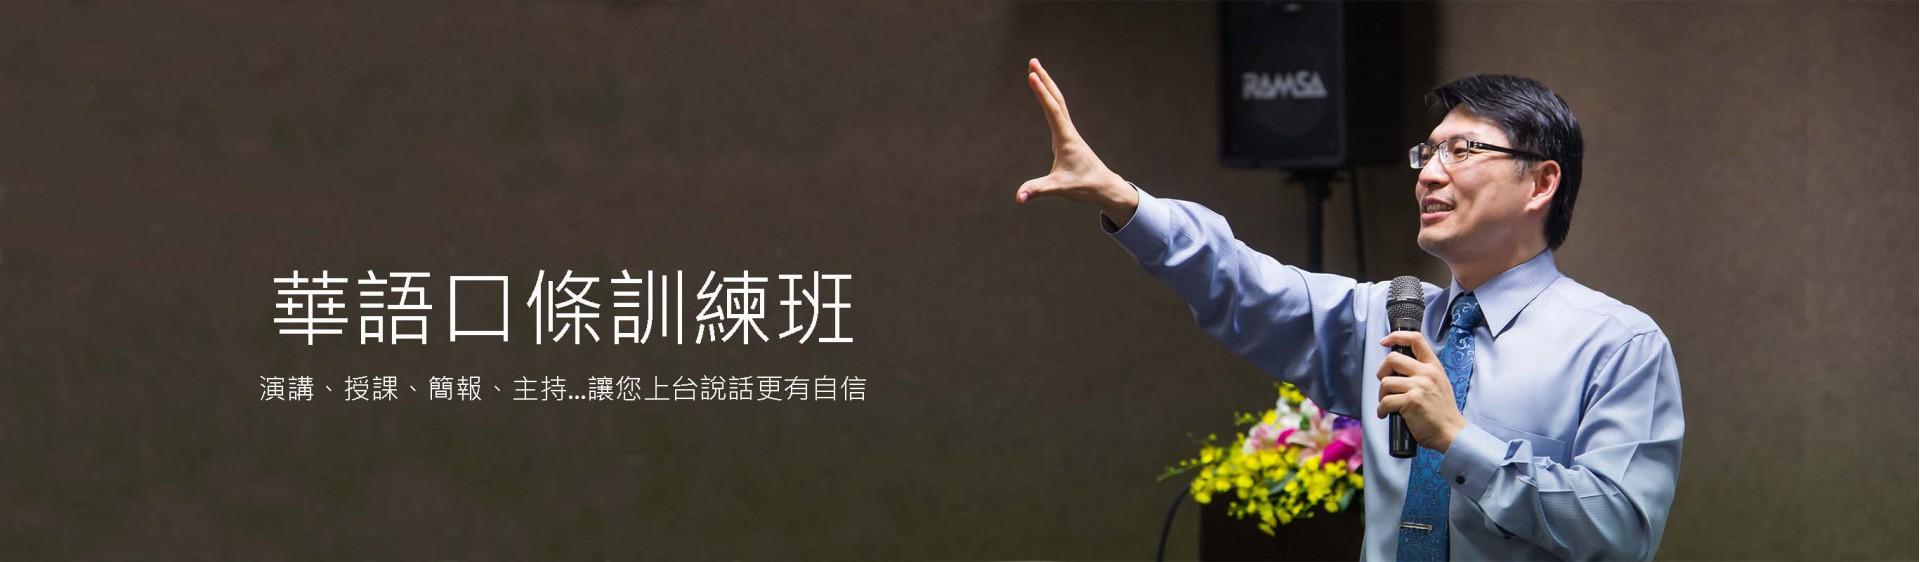 華語口條訓練班